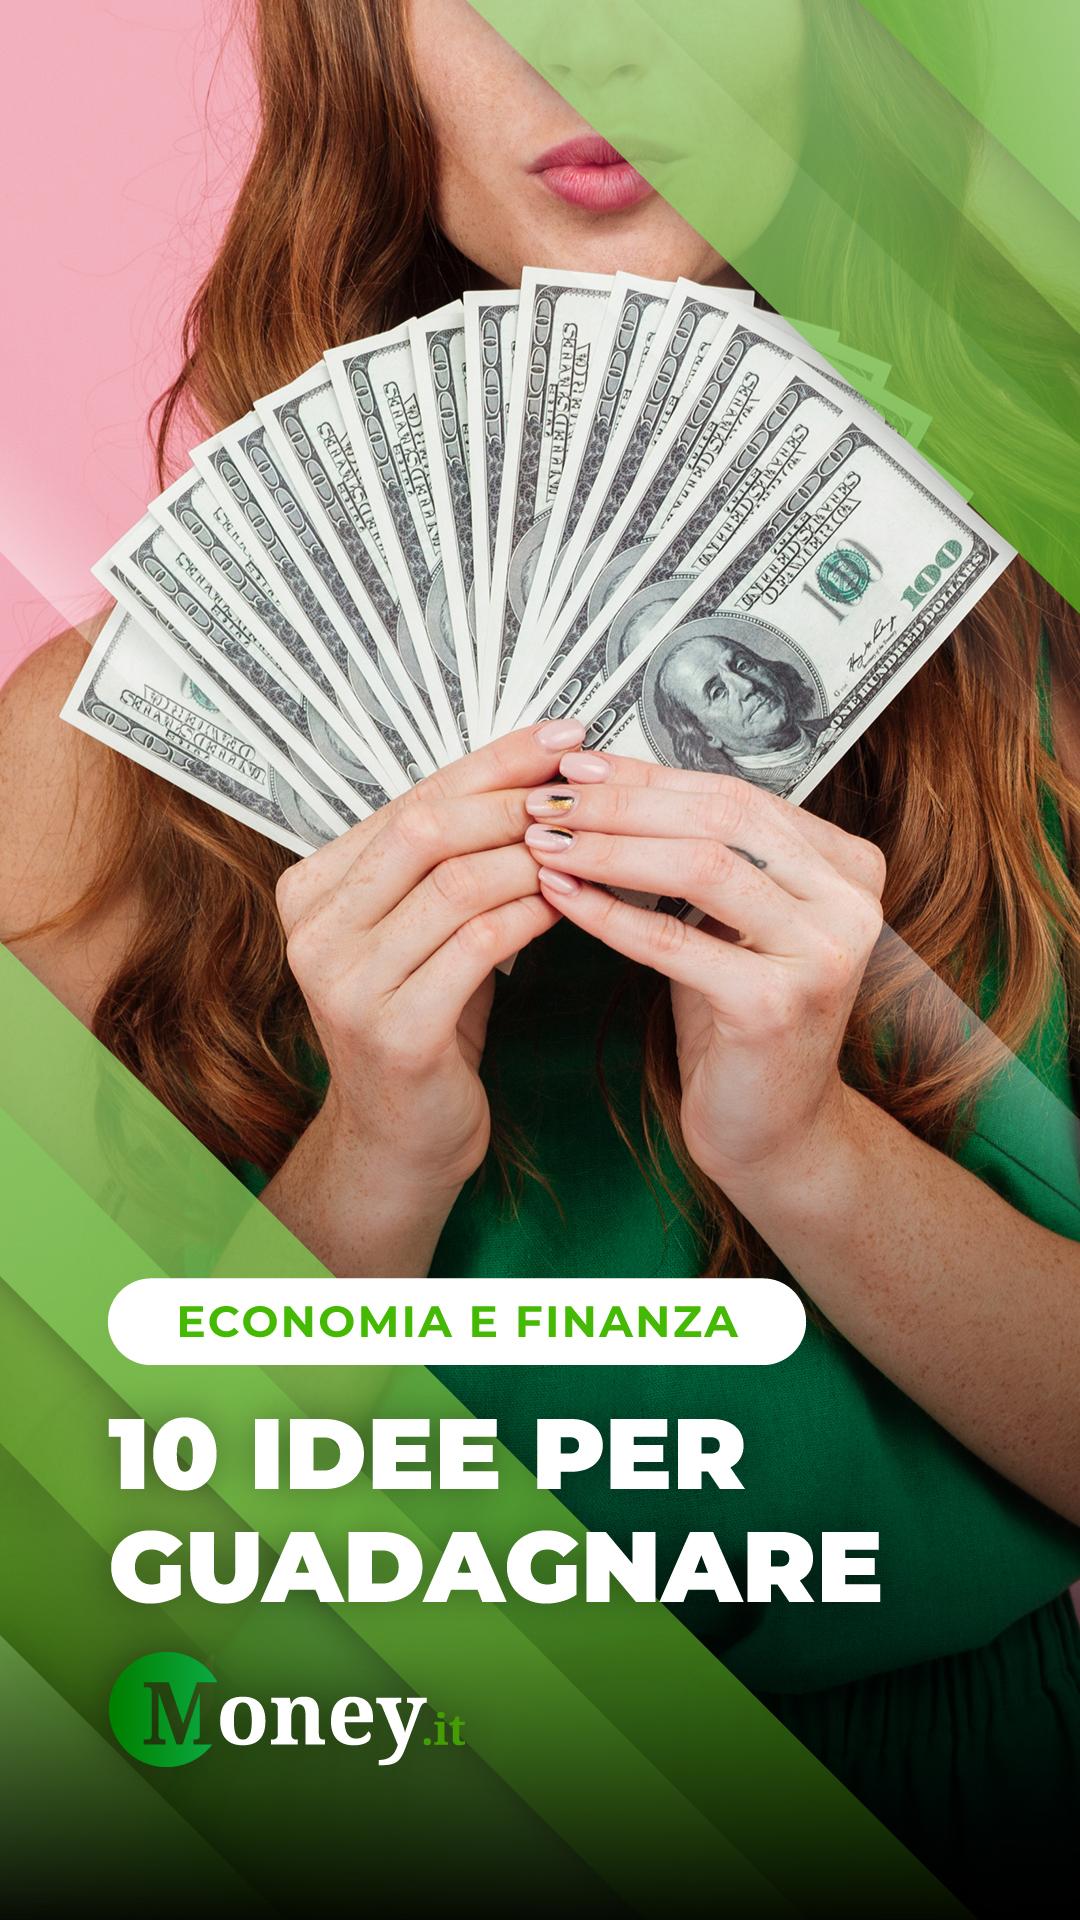 10 idee per guadagnare